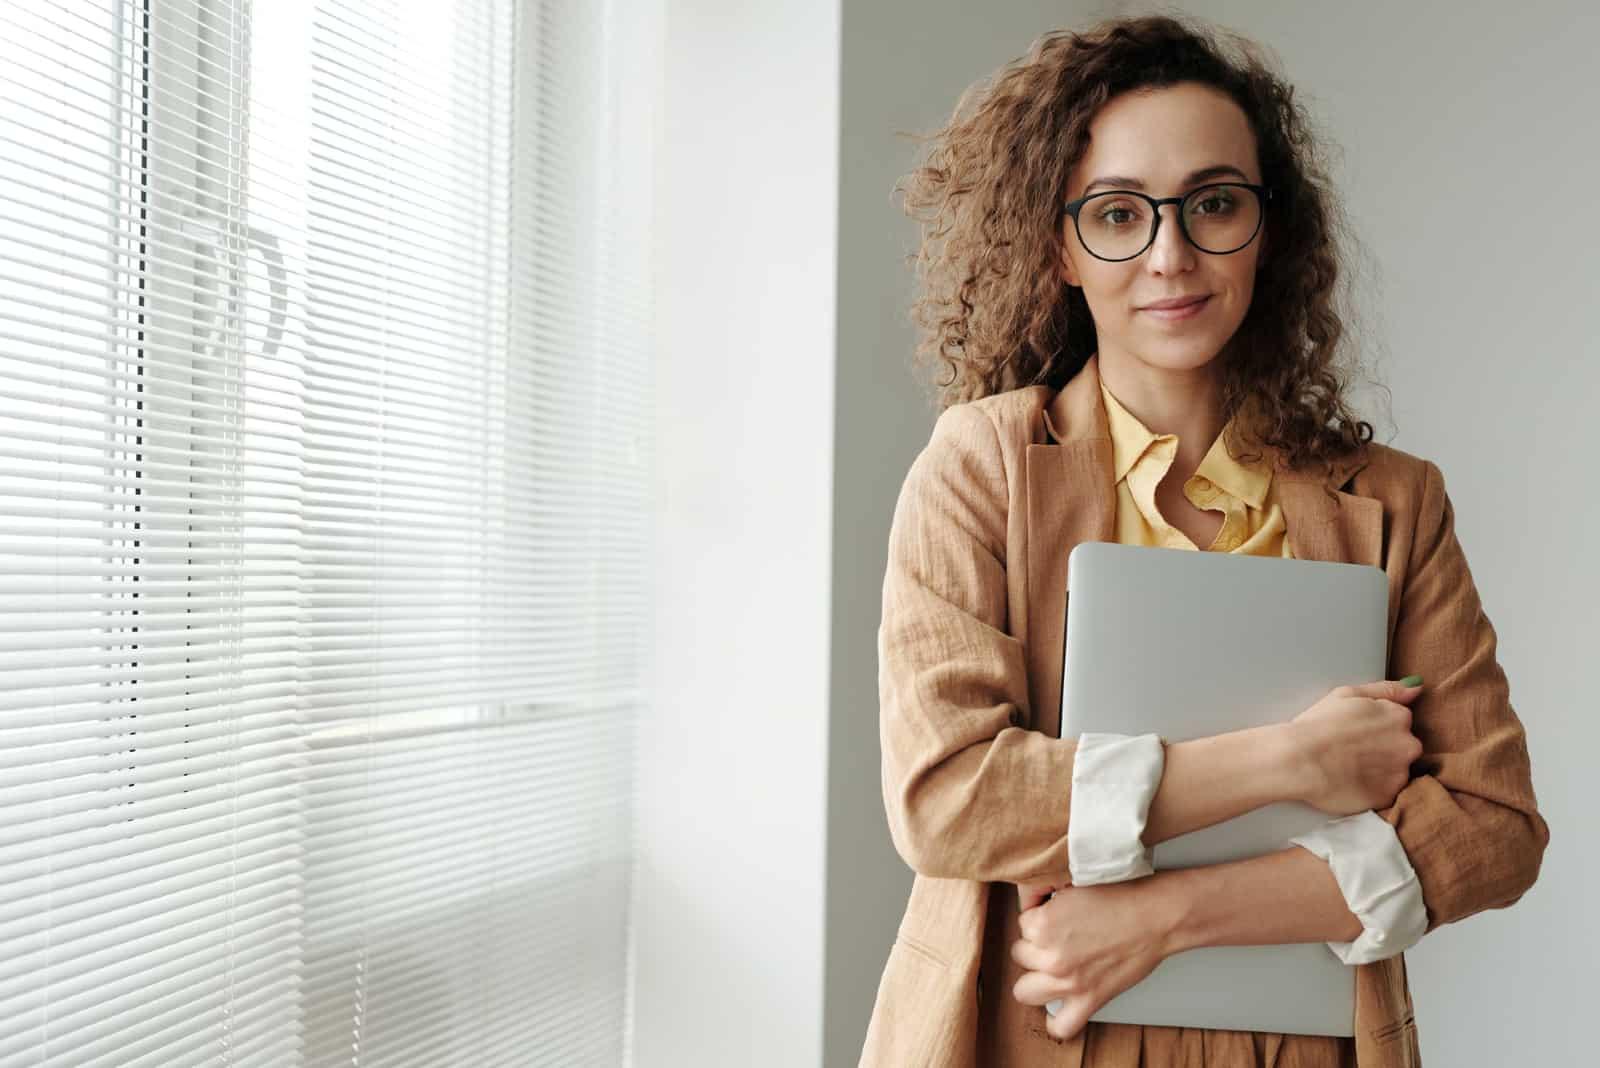 femme avec des lunettes tenant un ordinateur portable